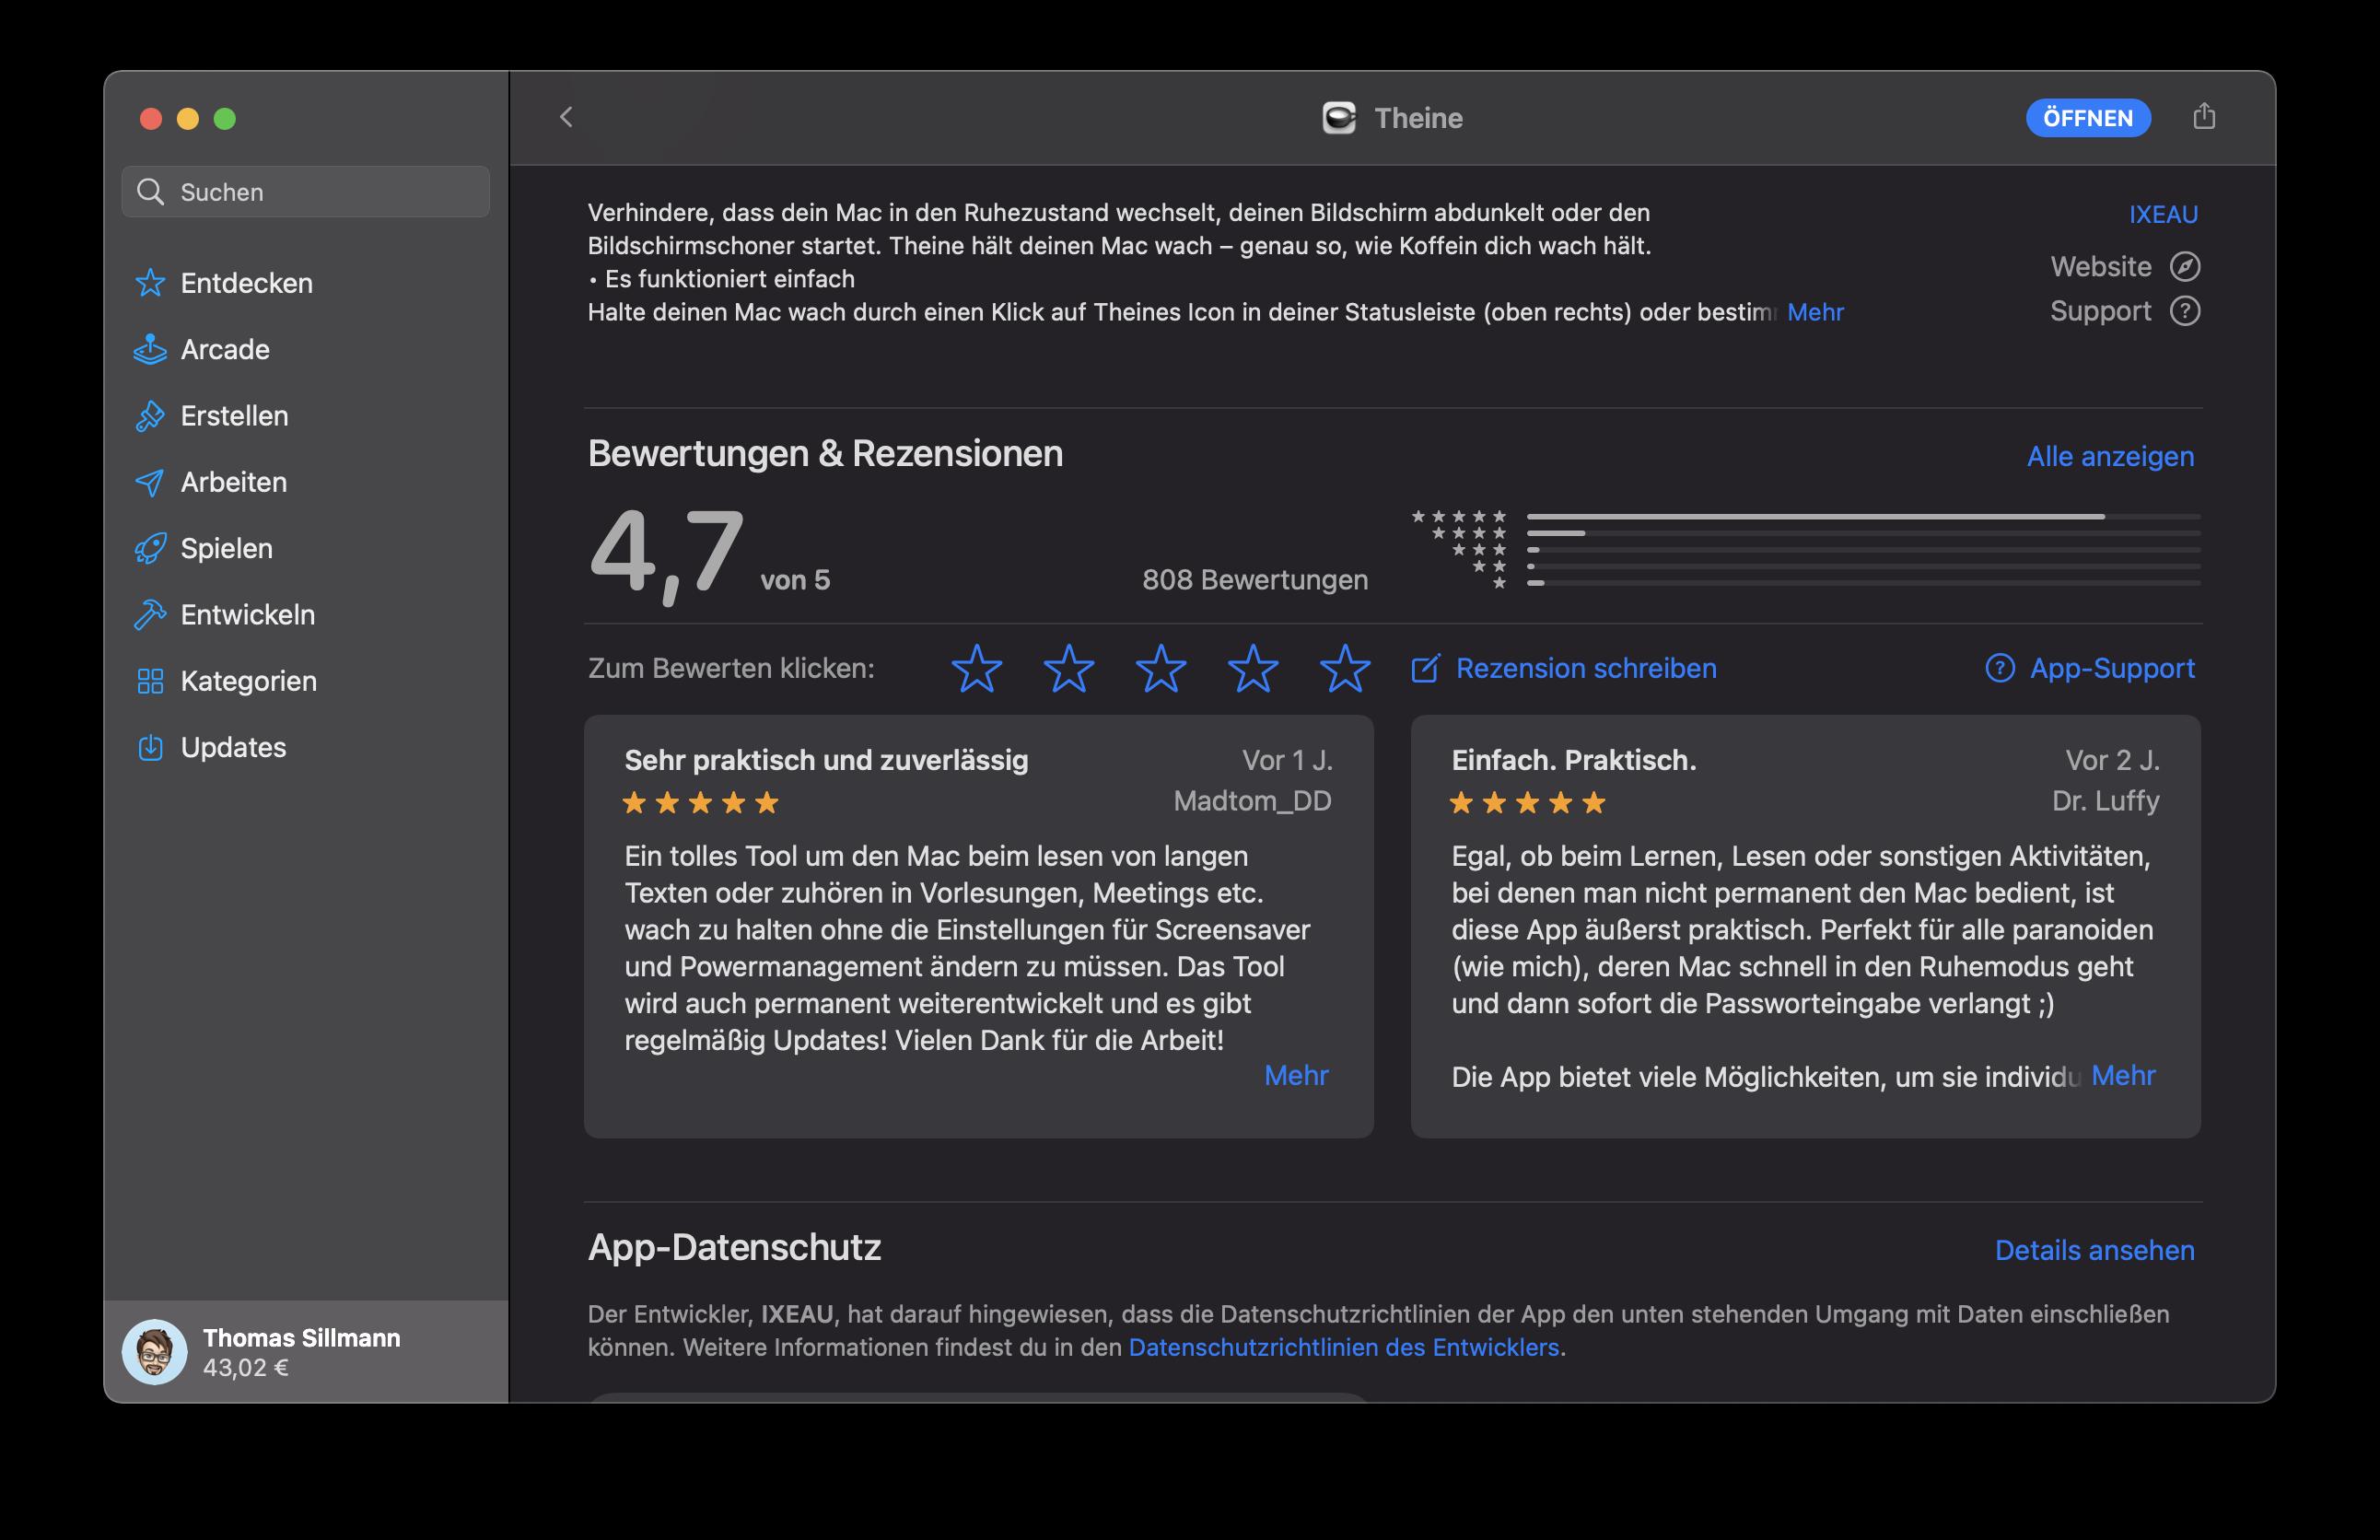 Die Rezensionen im Mac App Store bestätigen, dass noch mehr Nutzer eine App wie Theine sehr zu schätzen wissen.